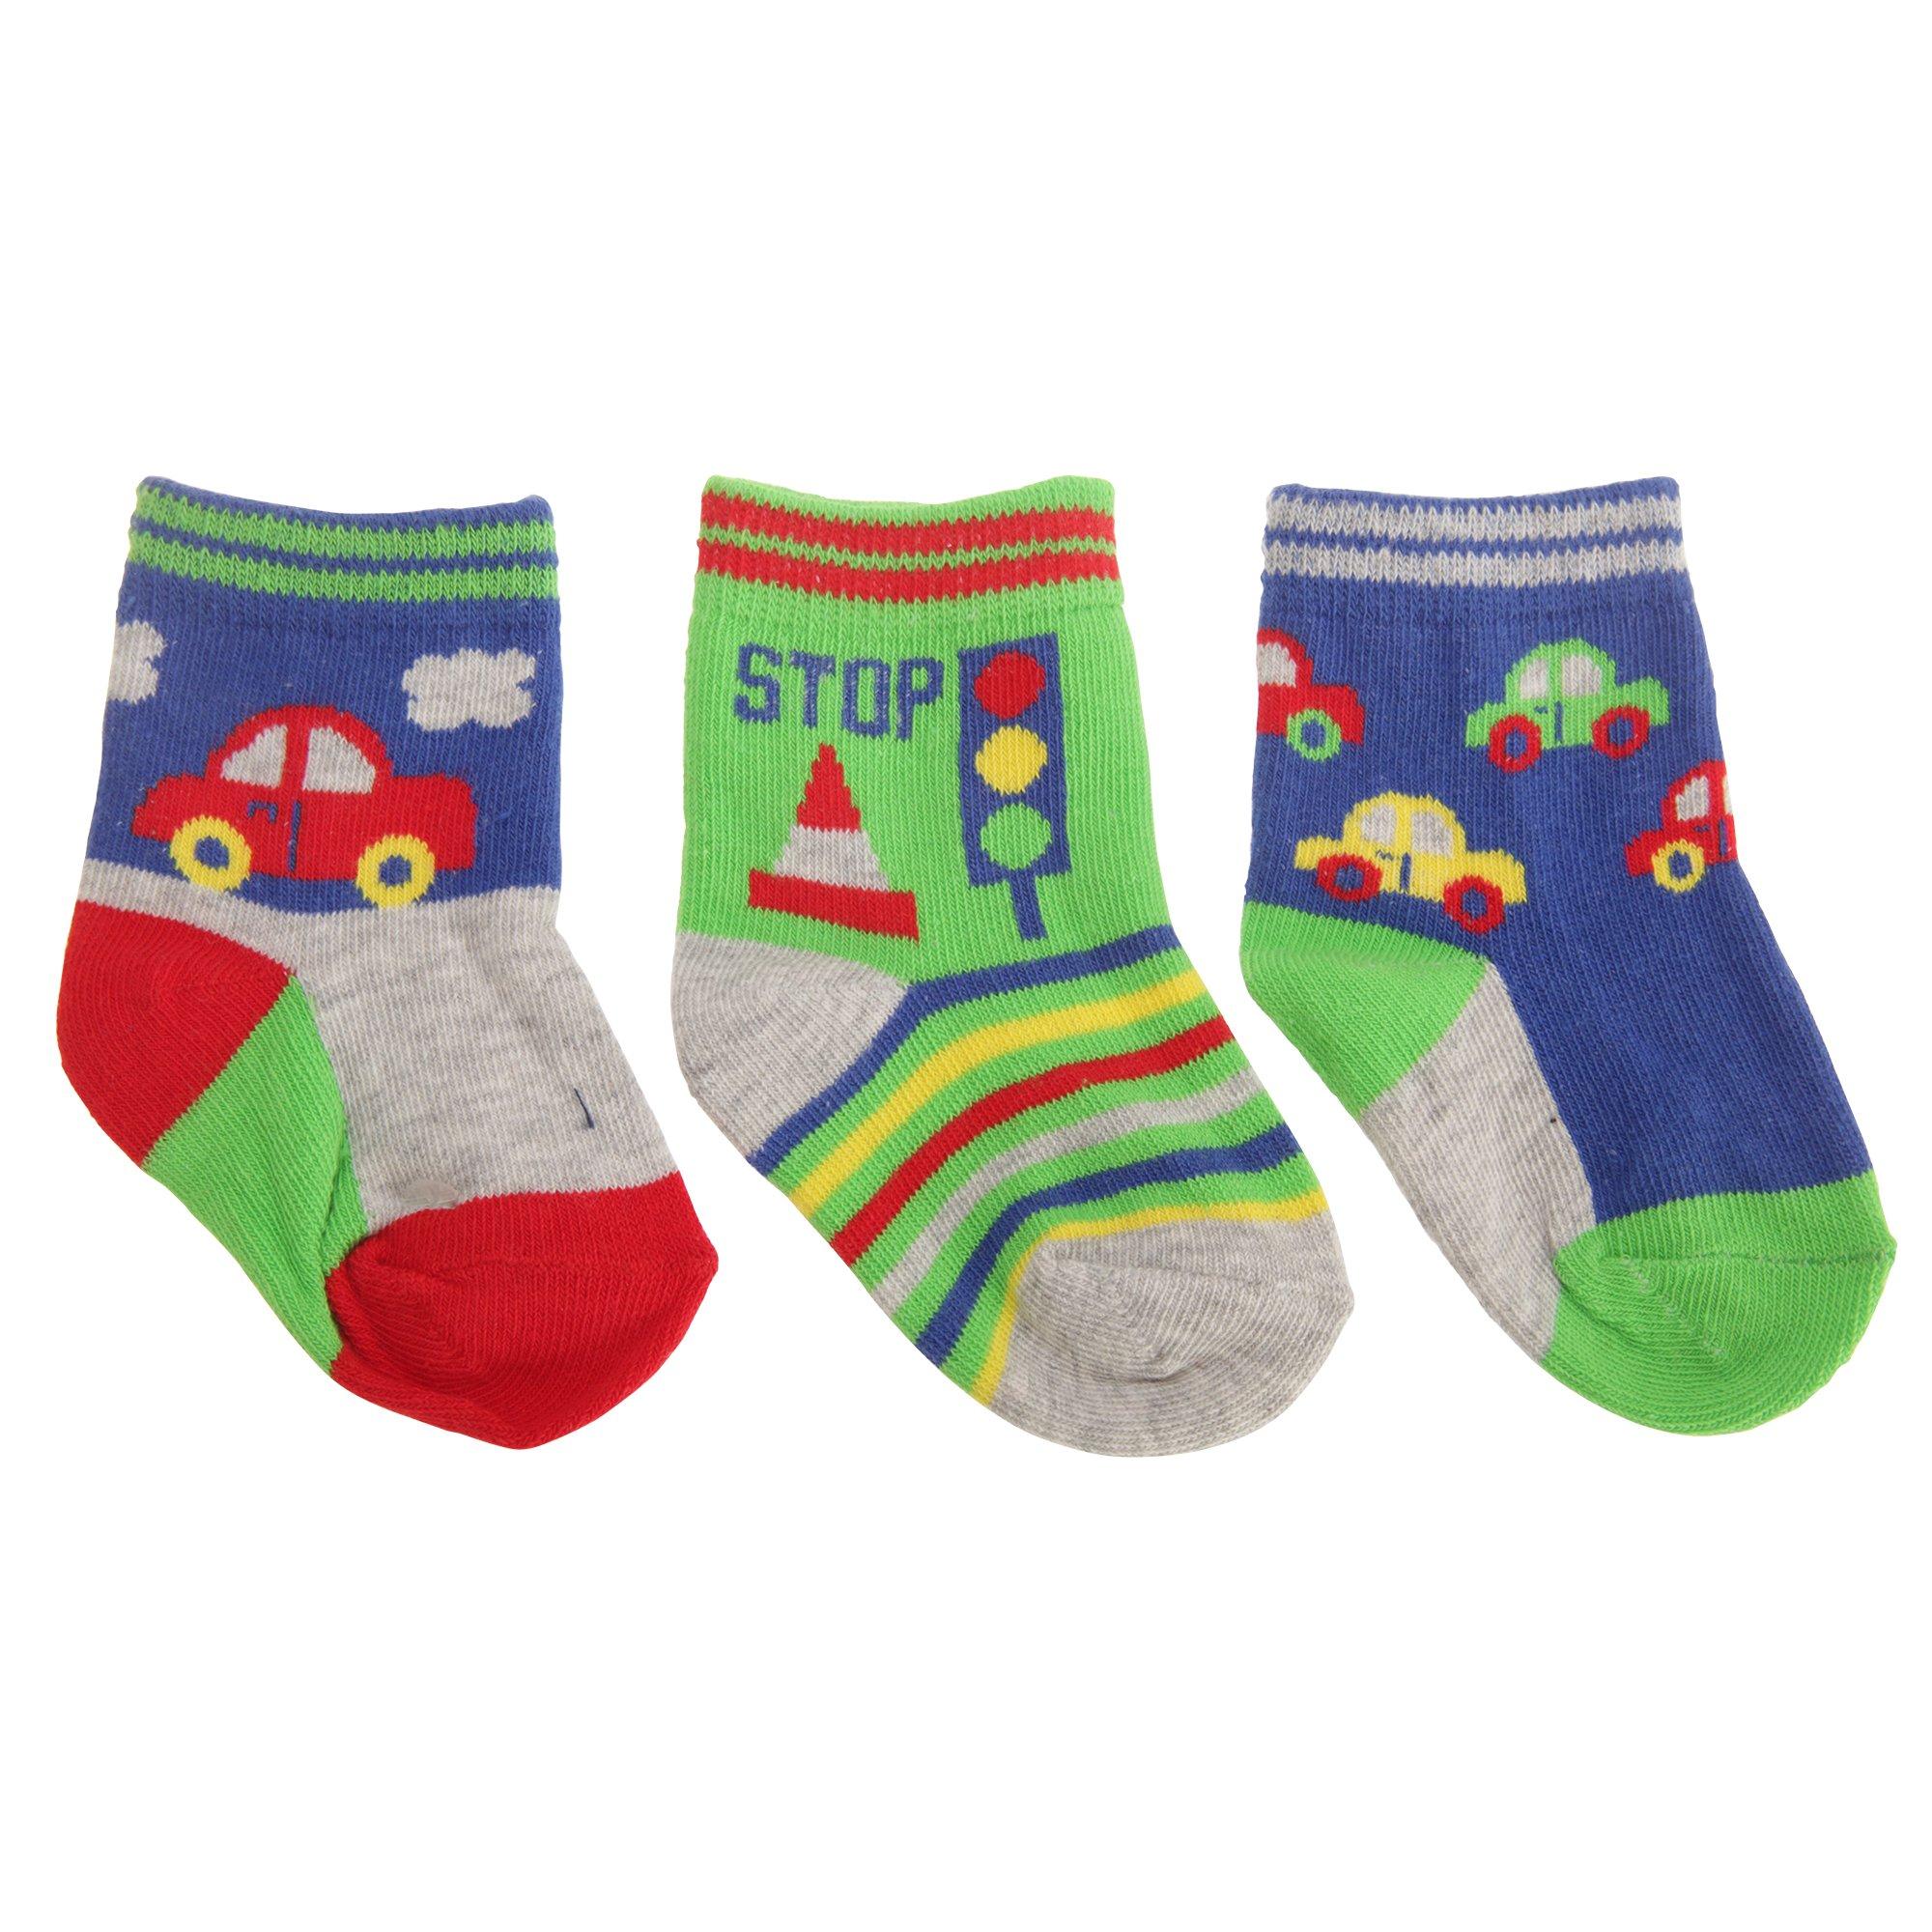 277f88c3c7448 Textiles ベビー・赤ちゃん用 くるまのデザイン 靴下セット 3足組 ソックス 男の子 UK0